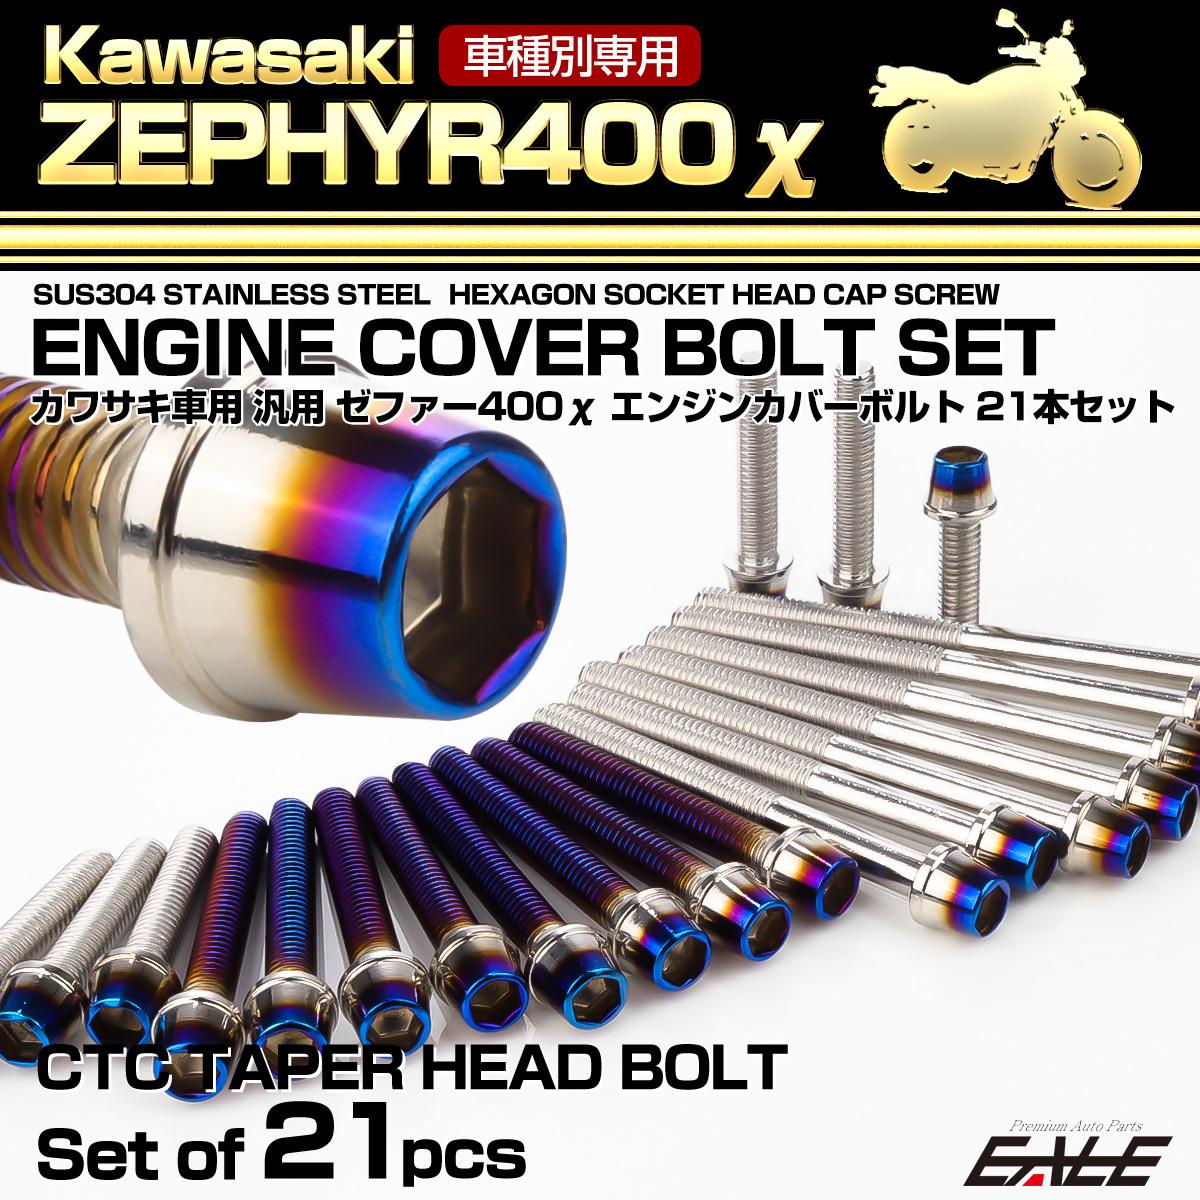 ゼファー400カイ エンジンカバーボルト 21本セット カワサキ車用 ZEPHYR400χ CTC テーパーヘッド シルバー&焼きチタンカラー TB8135